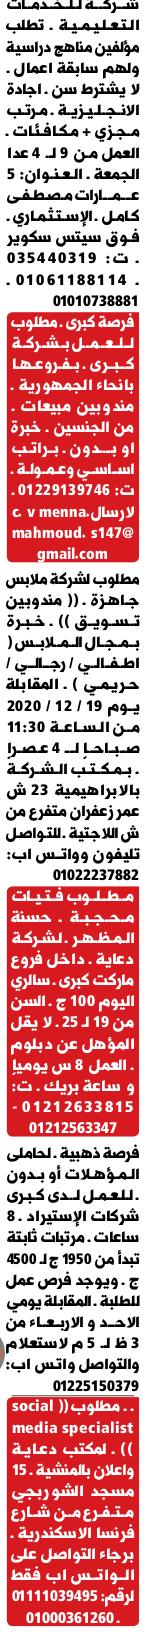 وظائف الوسيط اليوم 21/12/2020 نسخة الاسكندرية 7